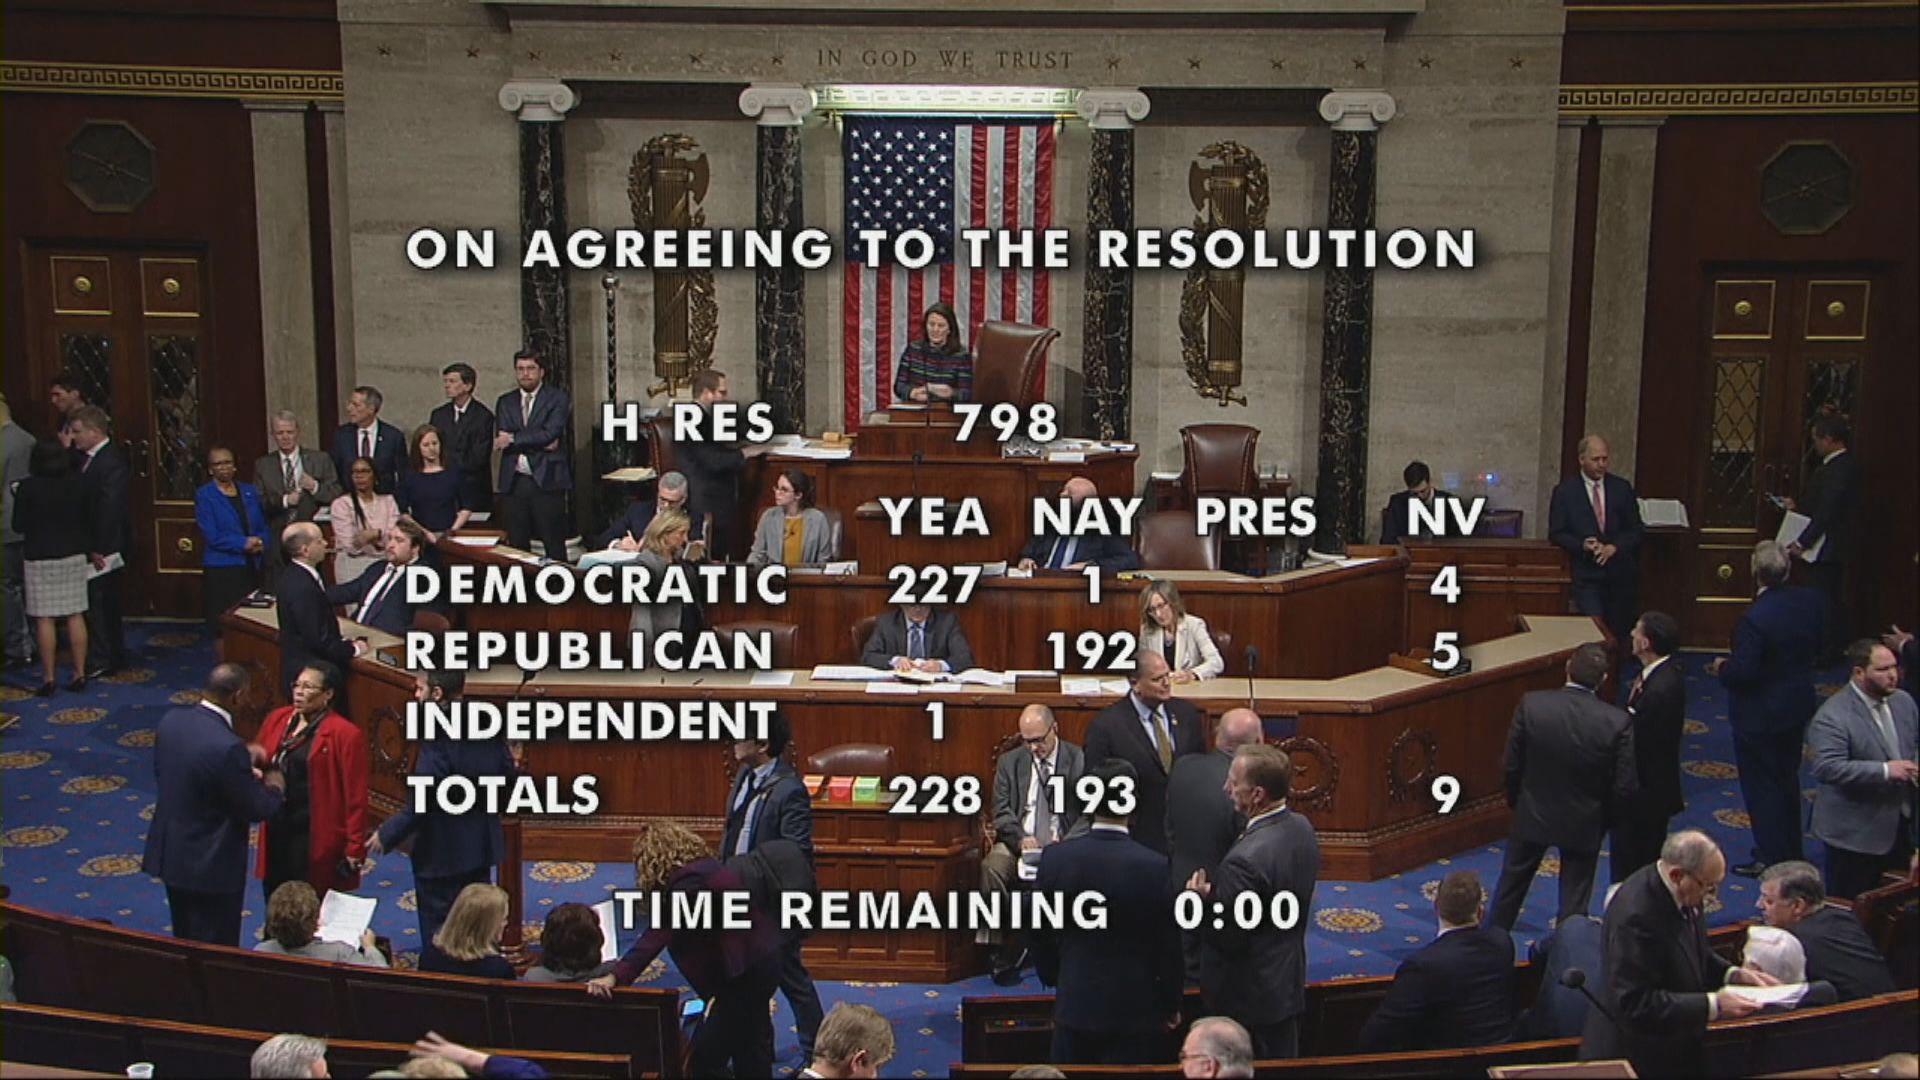 美眾議院通過向參議院提交彈劾條款